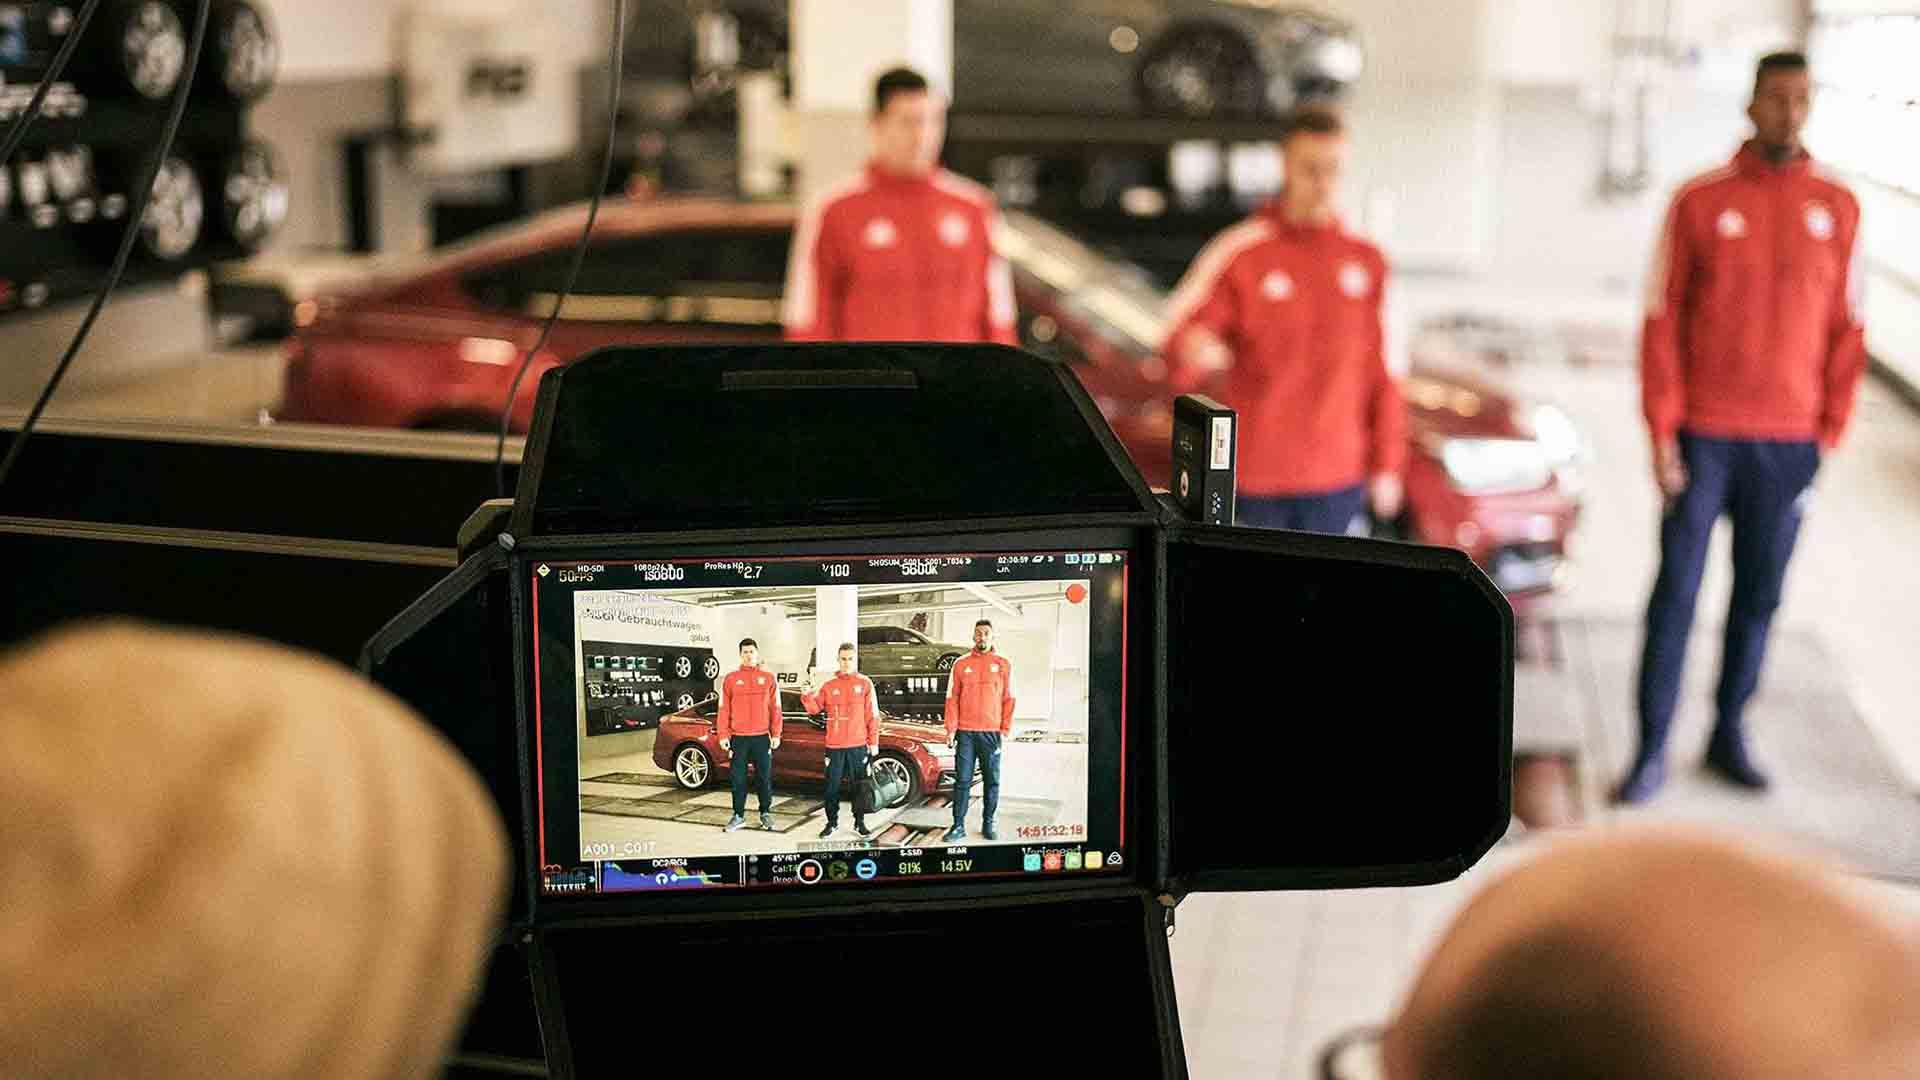 Das Bild zeigt im Hintergrund drei verschwommene Fussballer des FC Bayern Münchens. Vor ihnen steht eine Kamera mit einem Monitor. Die Schärfte des Bildes liegt auf diesem Monitor, sie sind darauf zu erkennen. Das Bild dient als Sliderbild für den Portfolioeintrag Audi / FC Bayern – Glückliche Nachbesitzer von Panda Pictures.